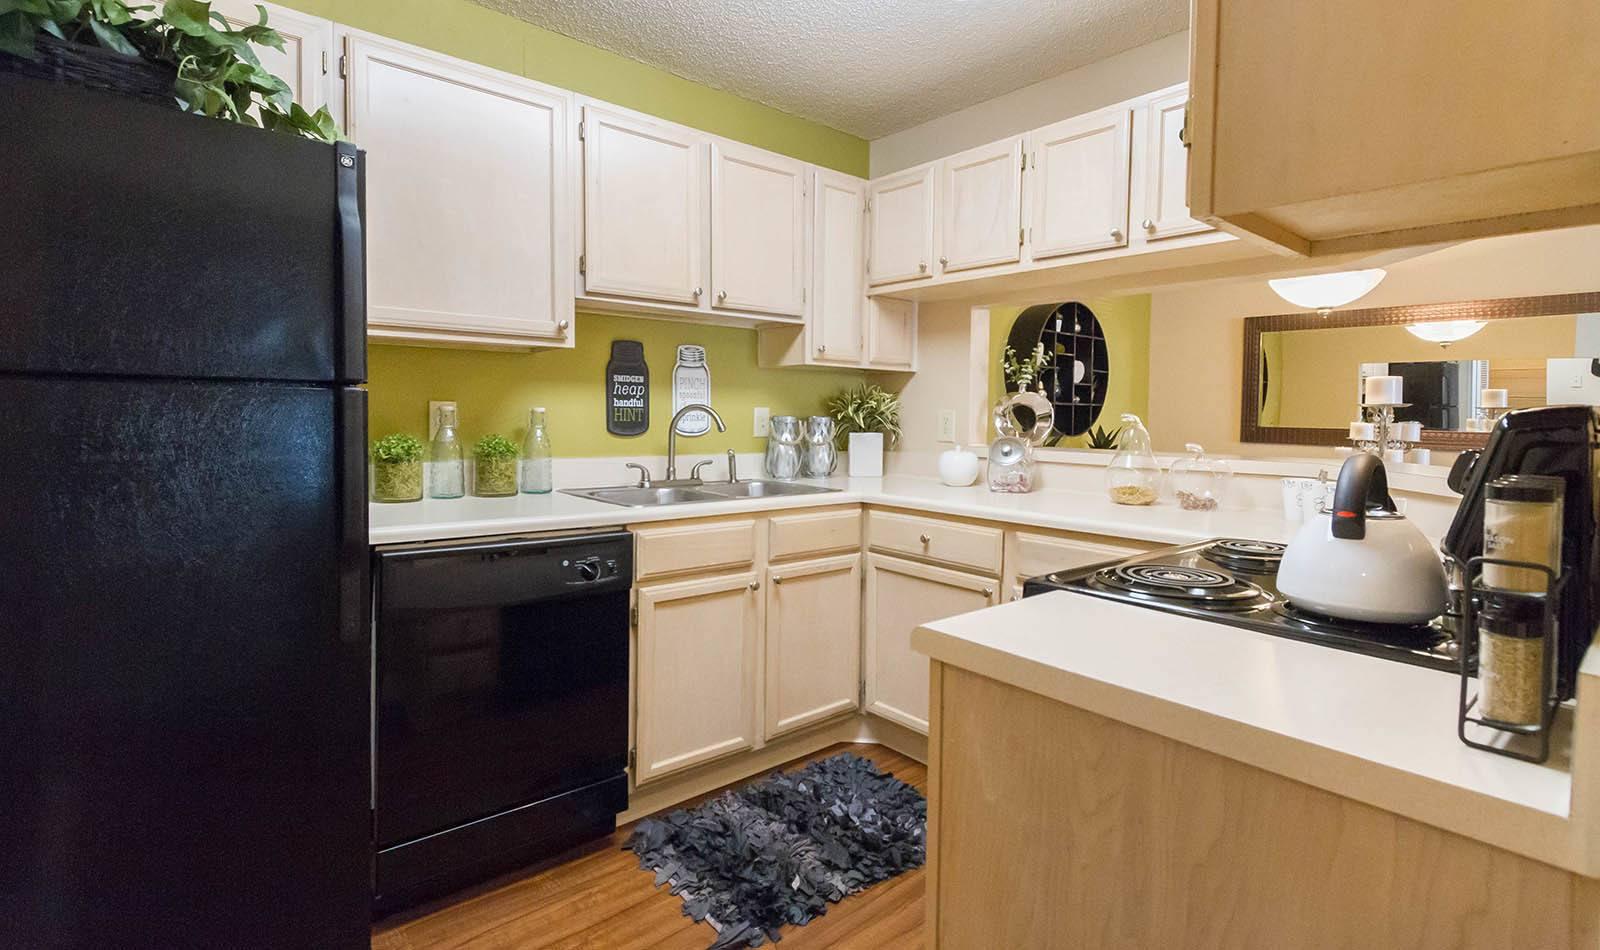 Kitchen at Vista Grande in Orange Park, FL